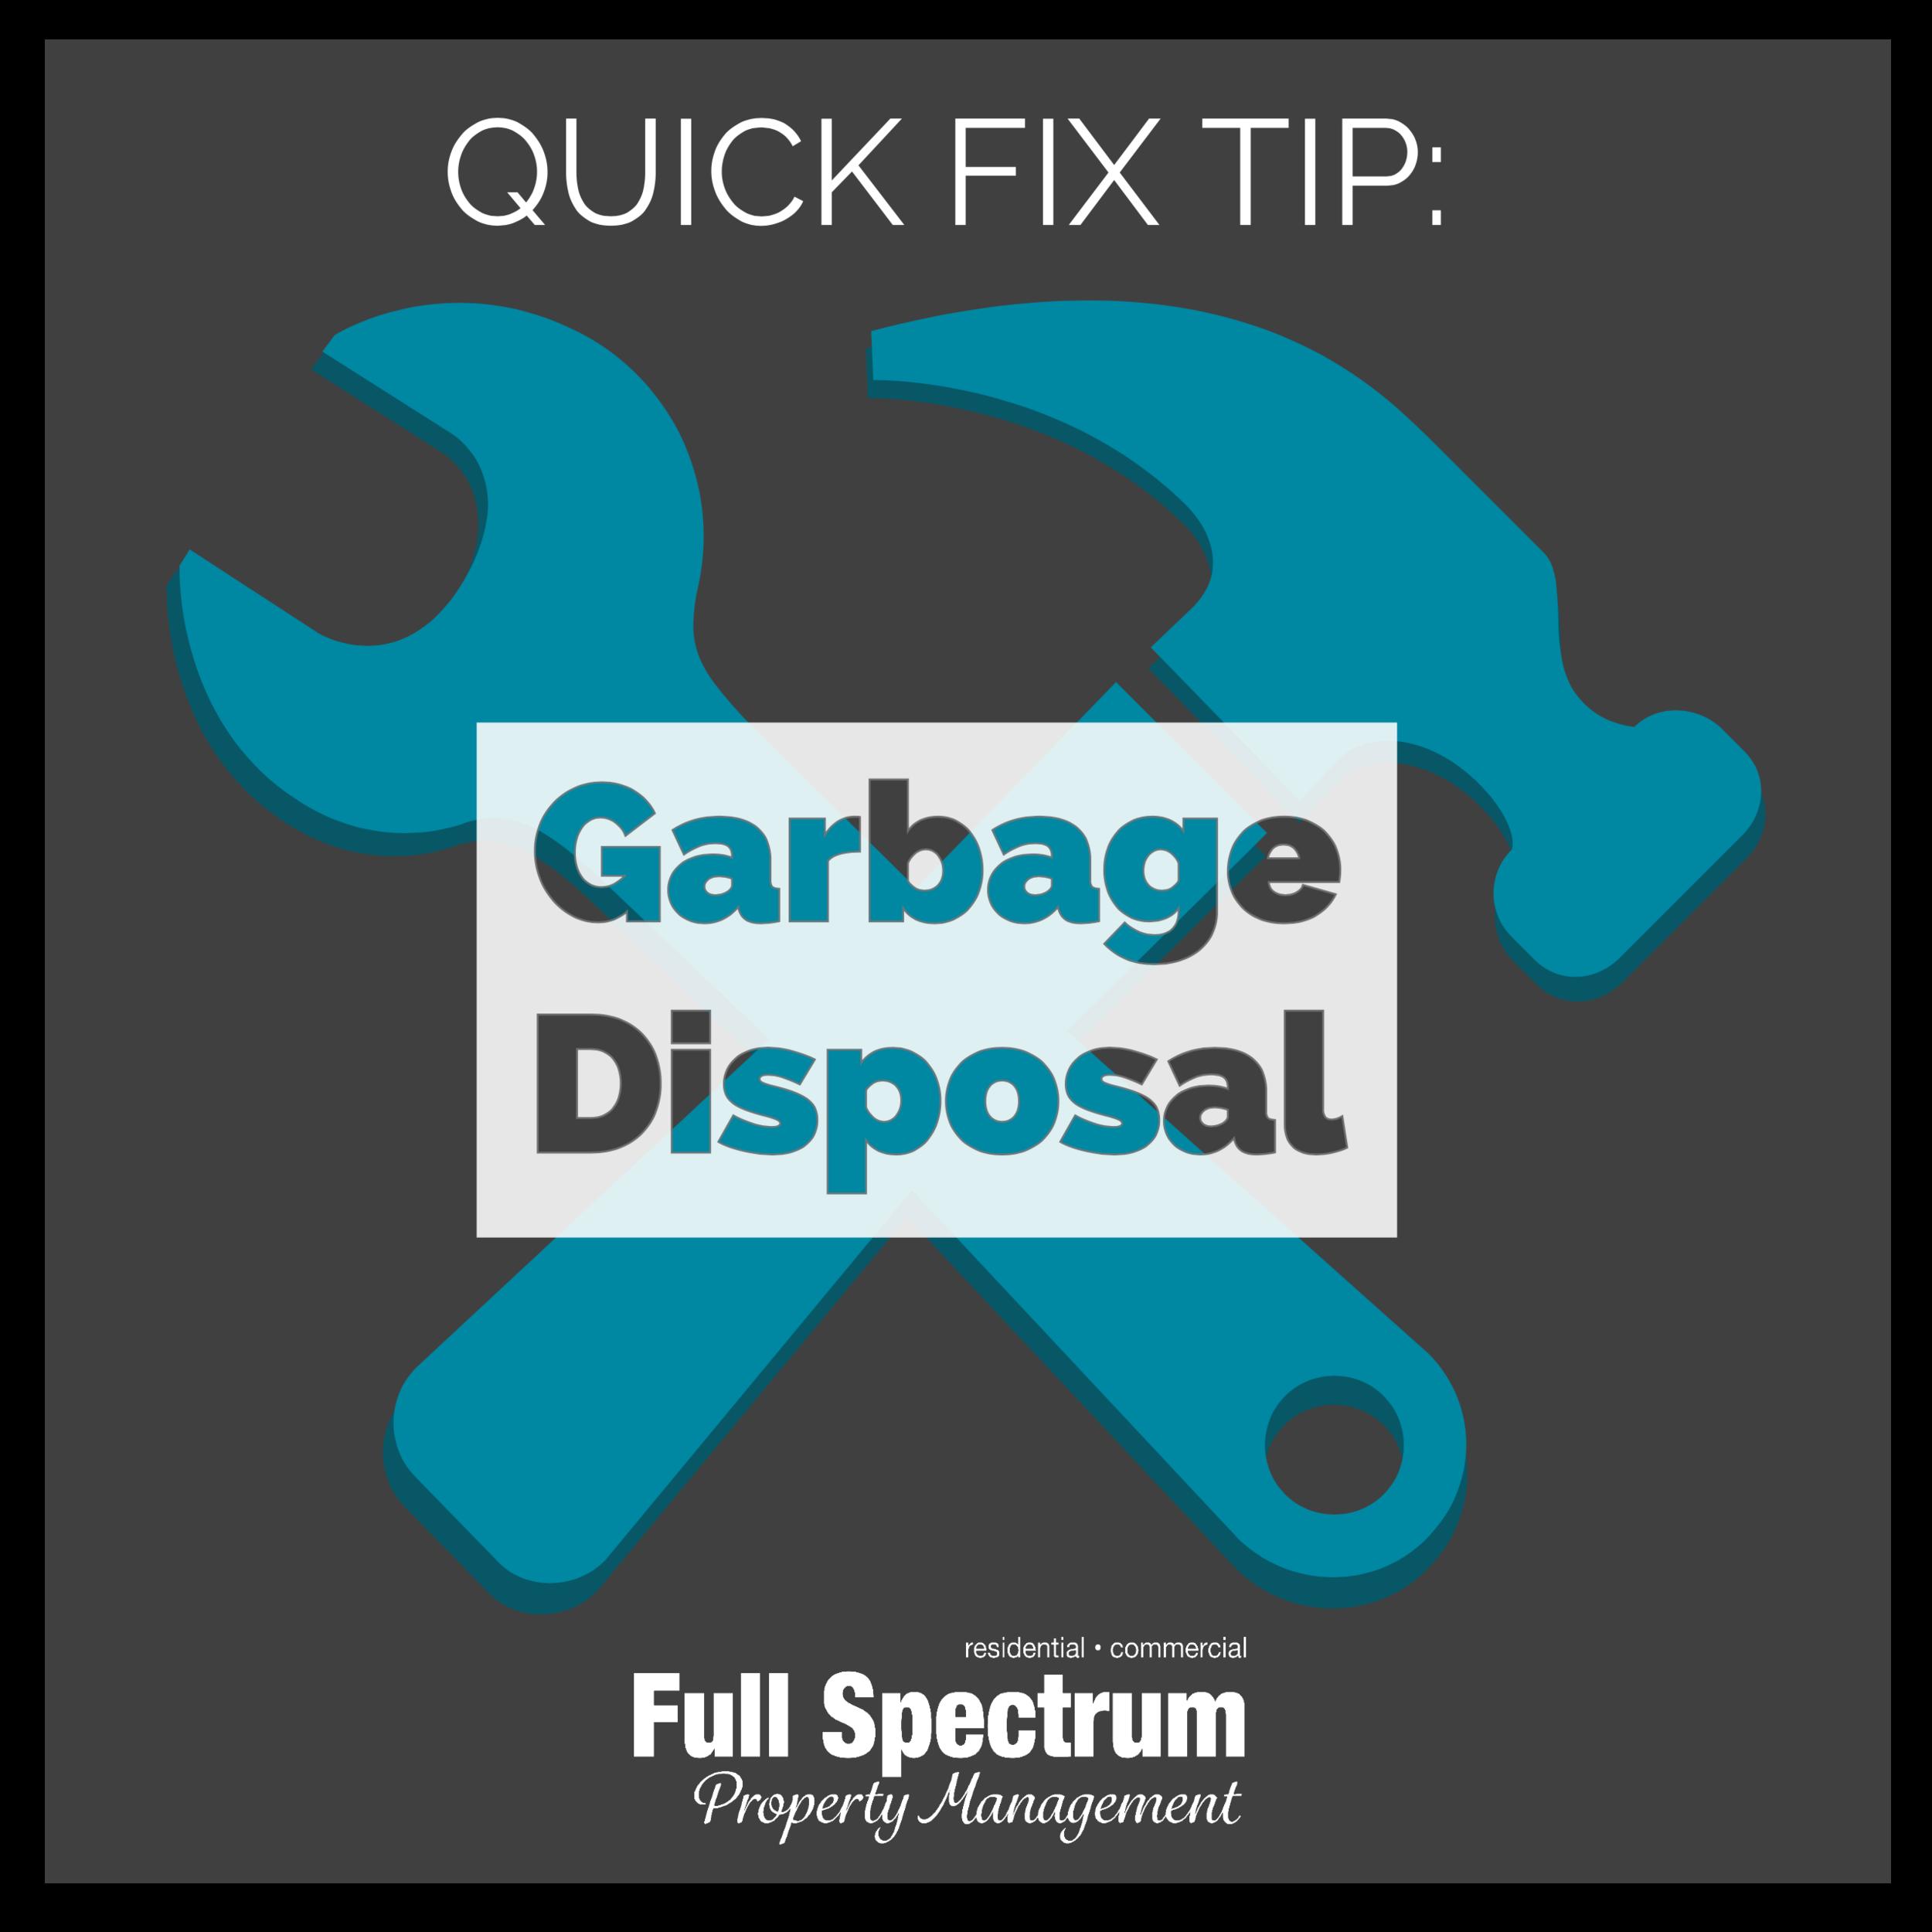 garbage disposal fix tip.png